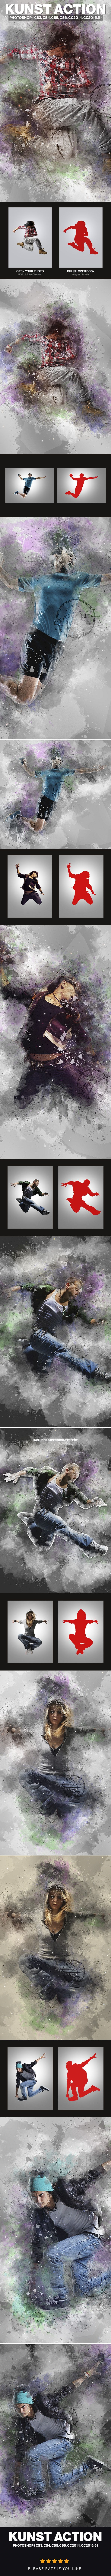 Kunst Photoshop Action #cs3 • Download ➝ https://graphicriver.net/item/kunst-photoshop-action/18042886?ref=pxcr